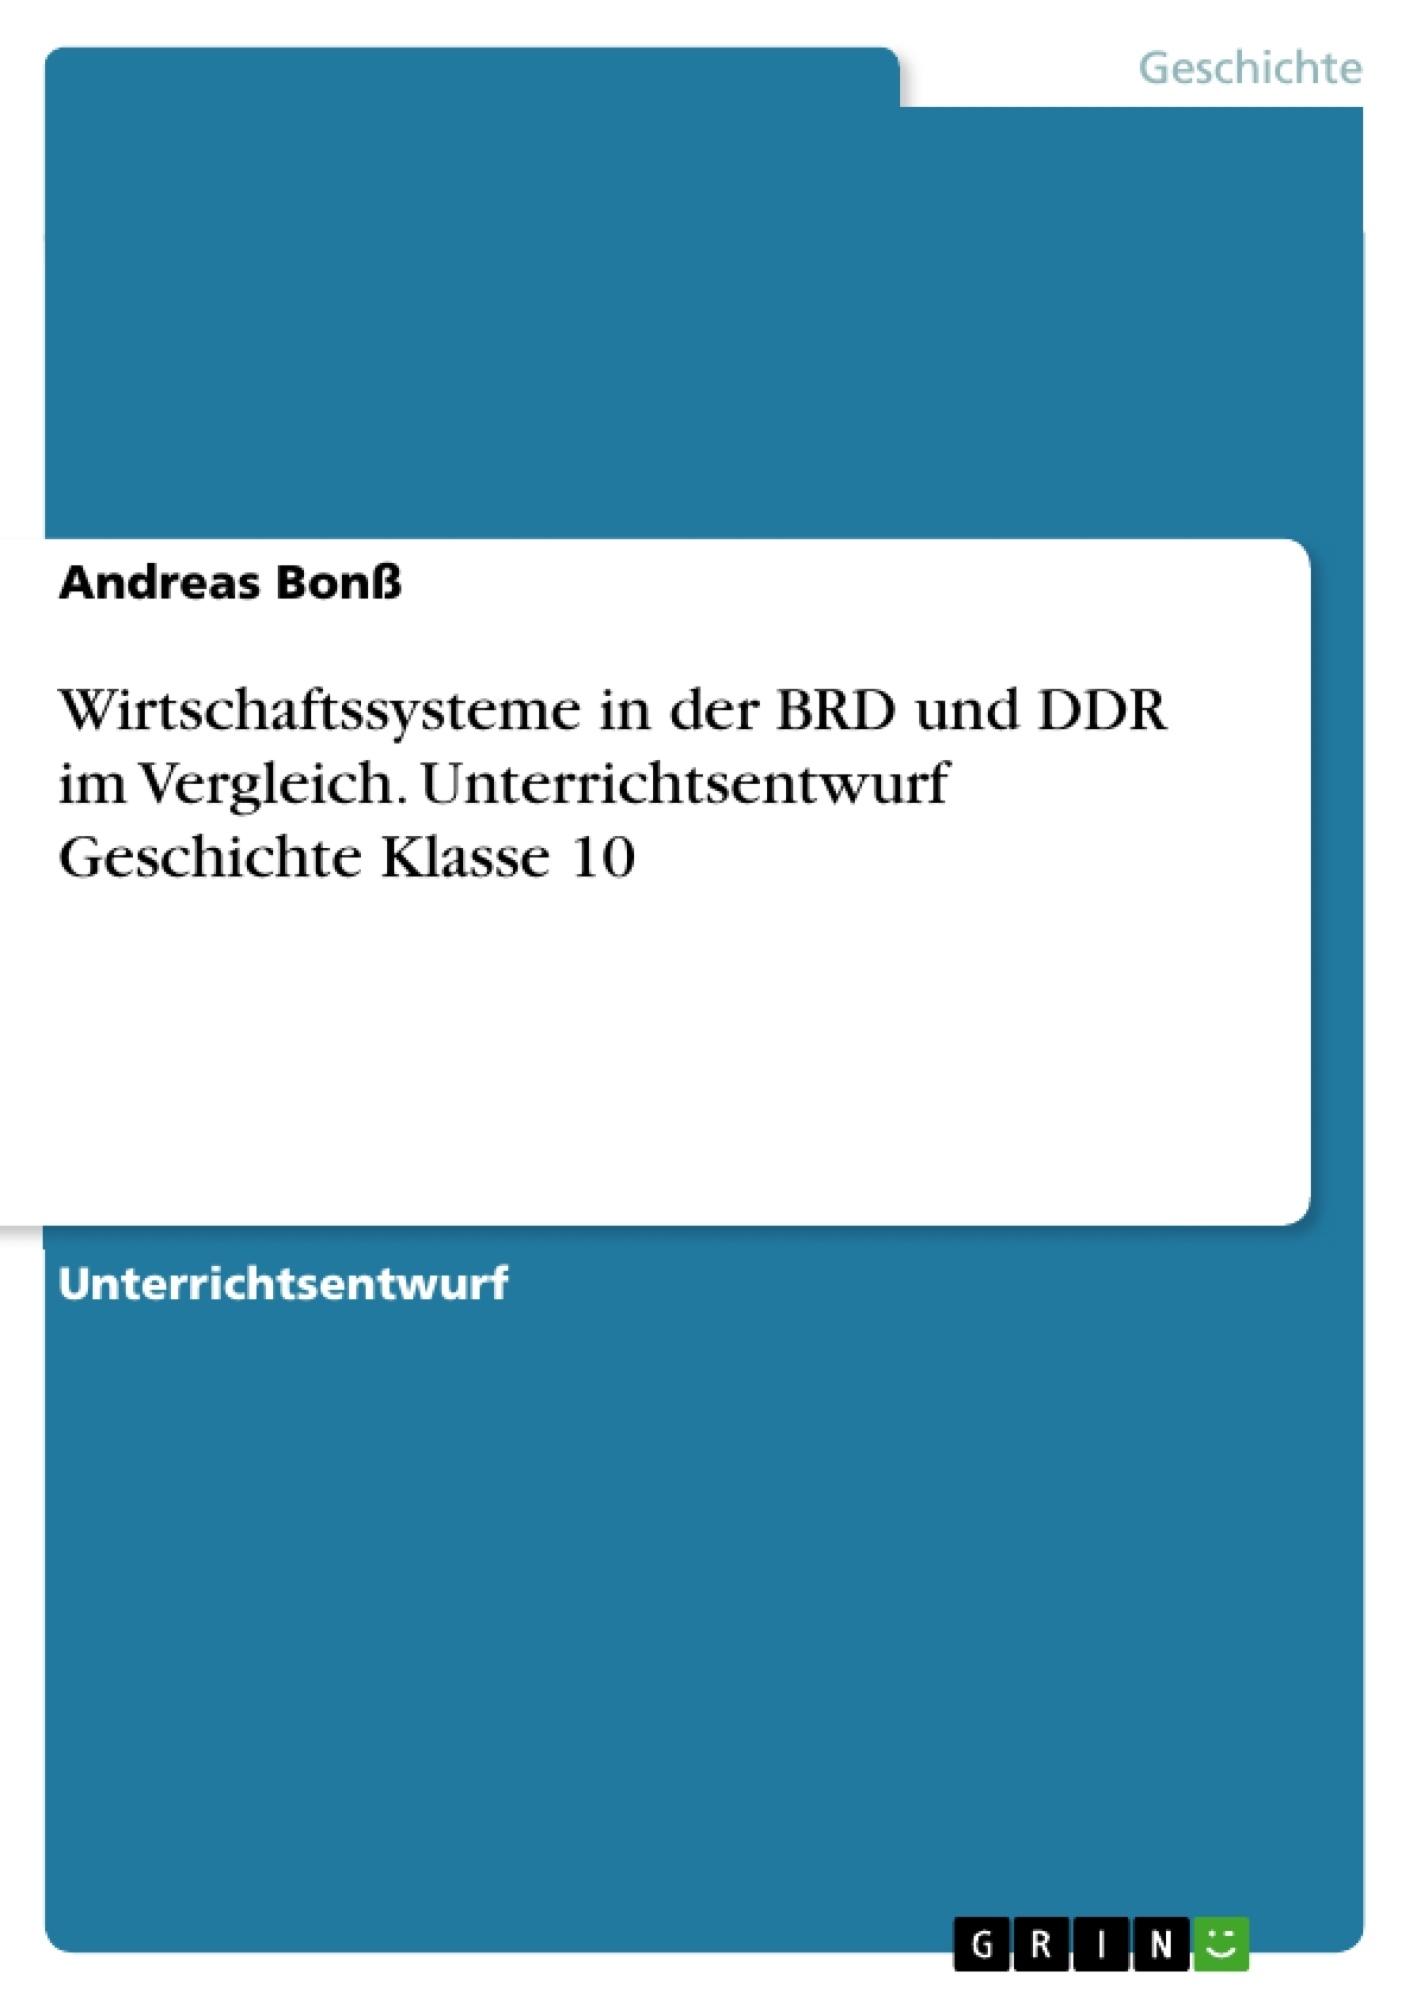 Titel: Wirtschaftssysteme in der BRD und DDR im Vergleich. Unterrichtsentwurf Geschichte Klasse 10